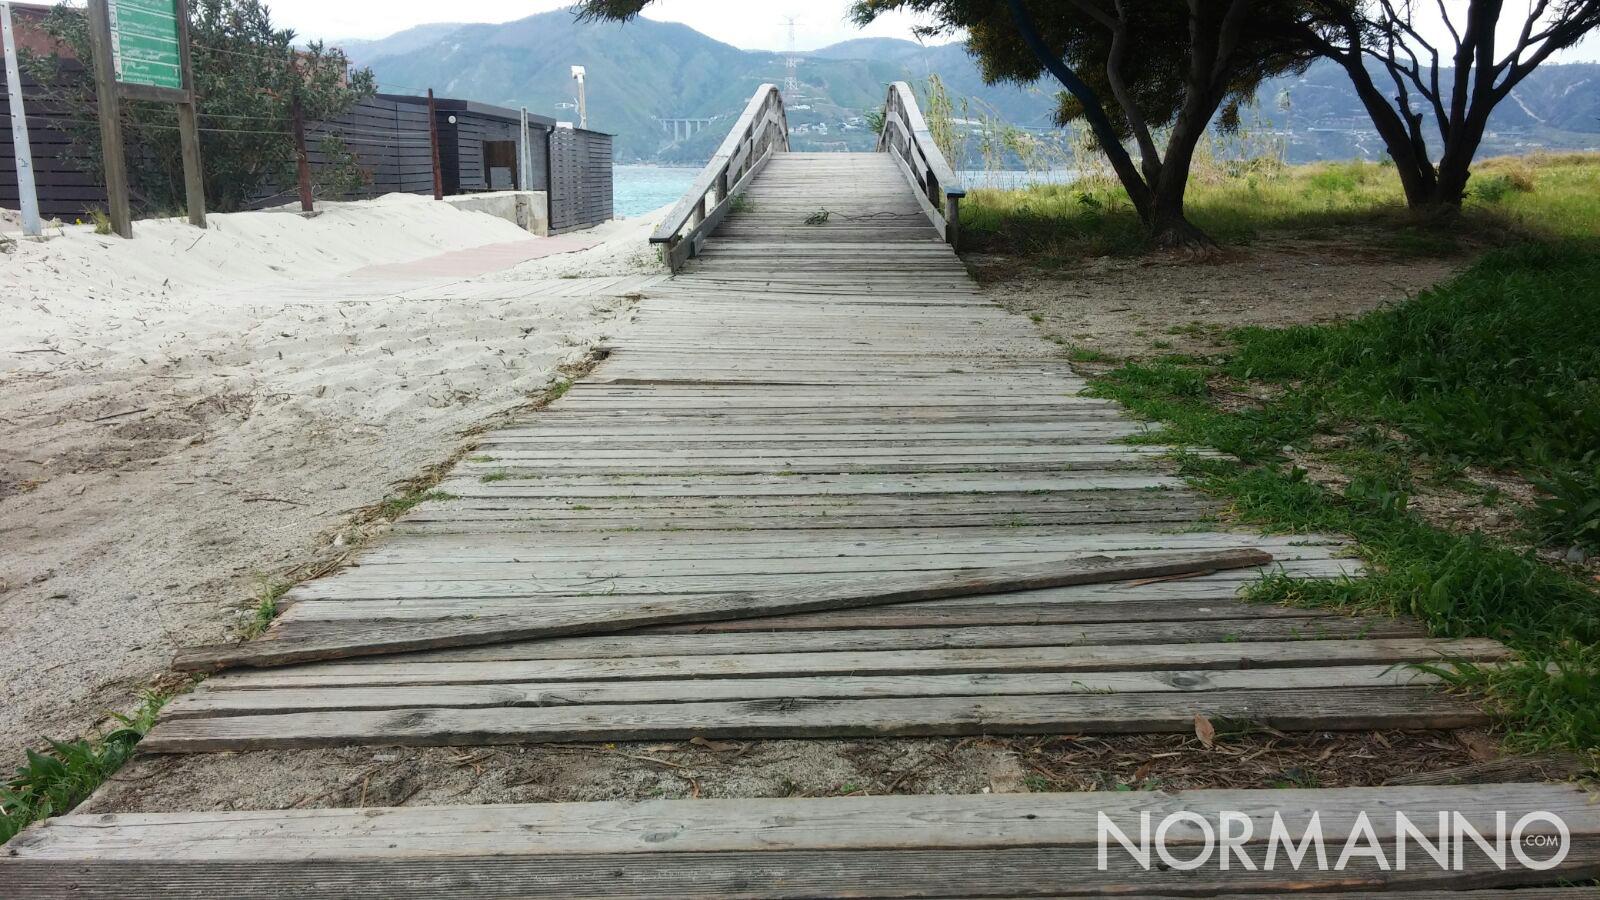 Foto della pedana di legno in cattive condizioni vicino Horcynus Orca, Torre Faro